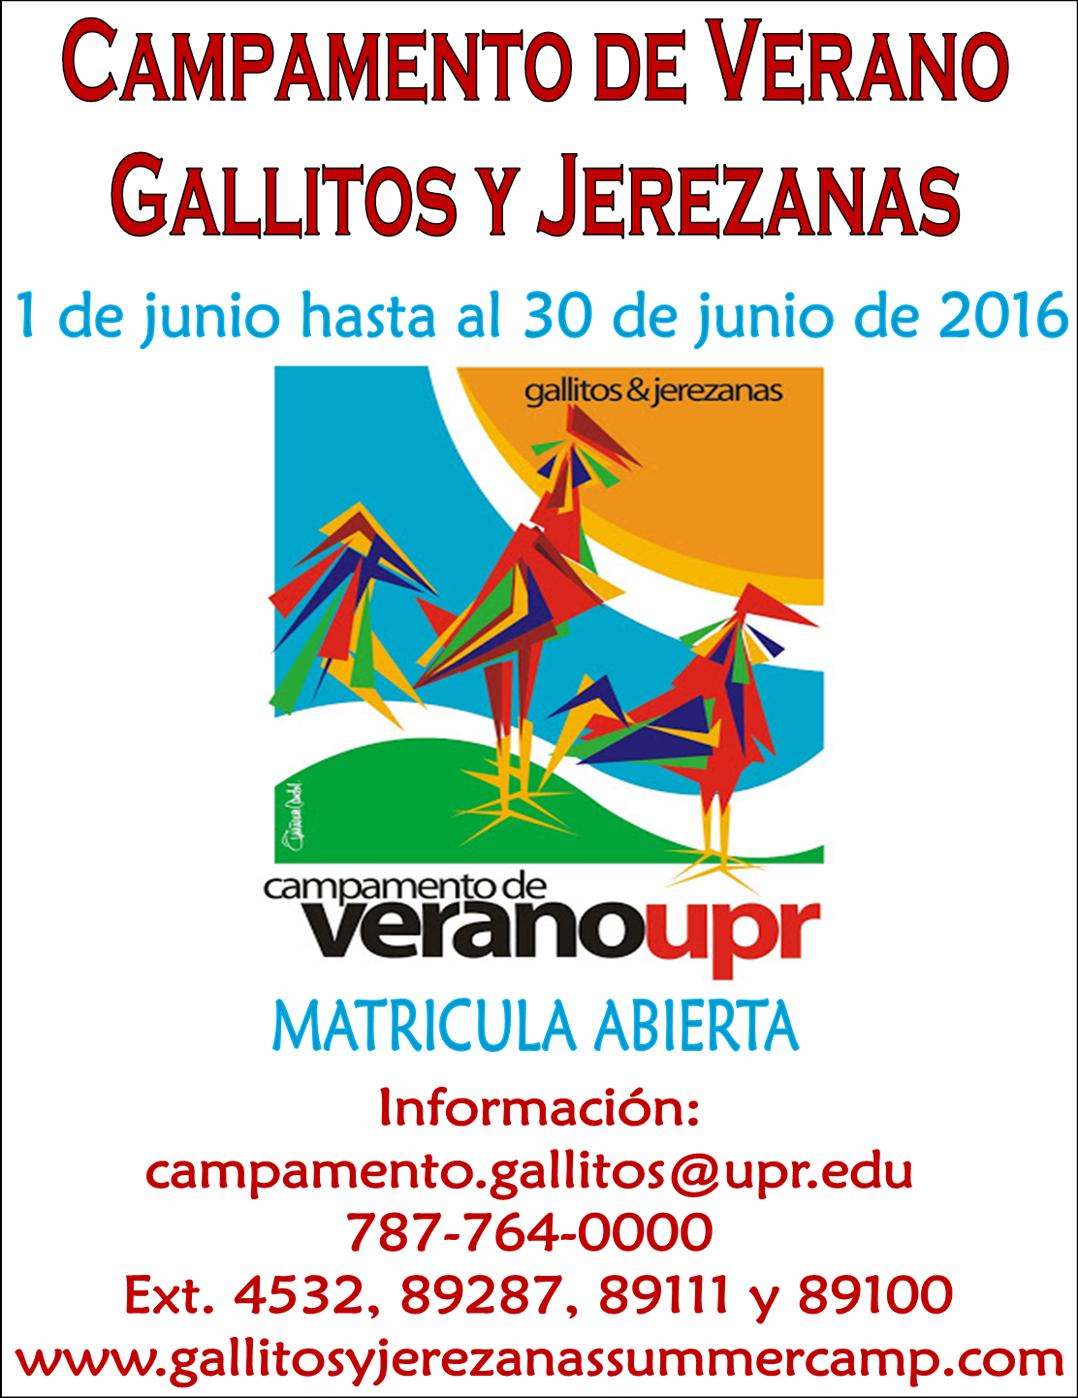 Campamento Gallitos y Jerezanas 2016